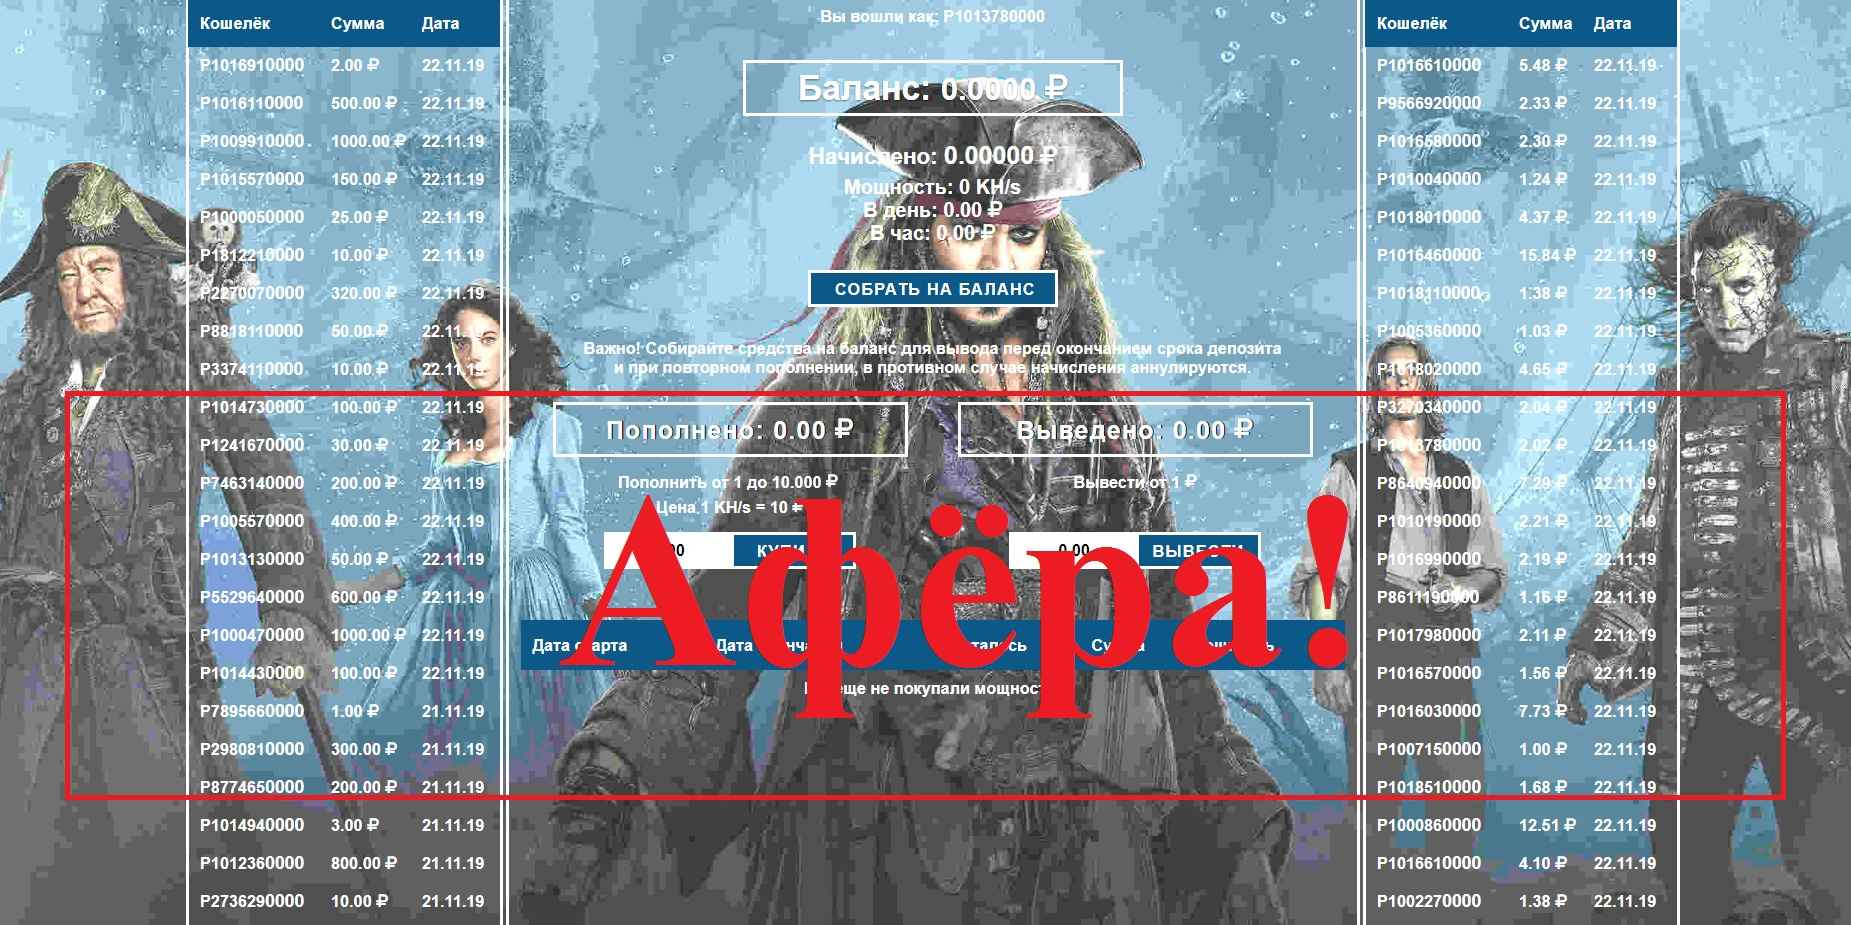 Pirate Money – обзор и отзывы о платформе